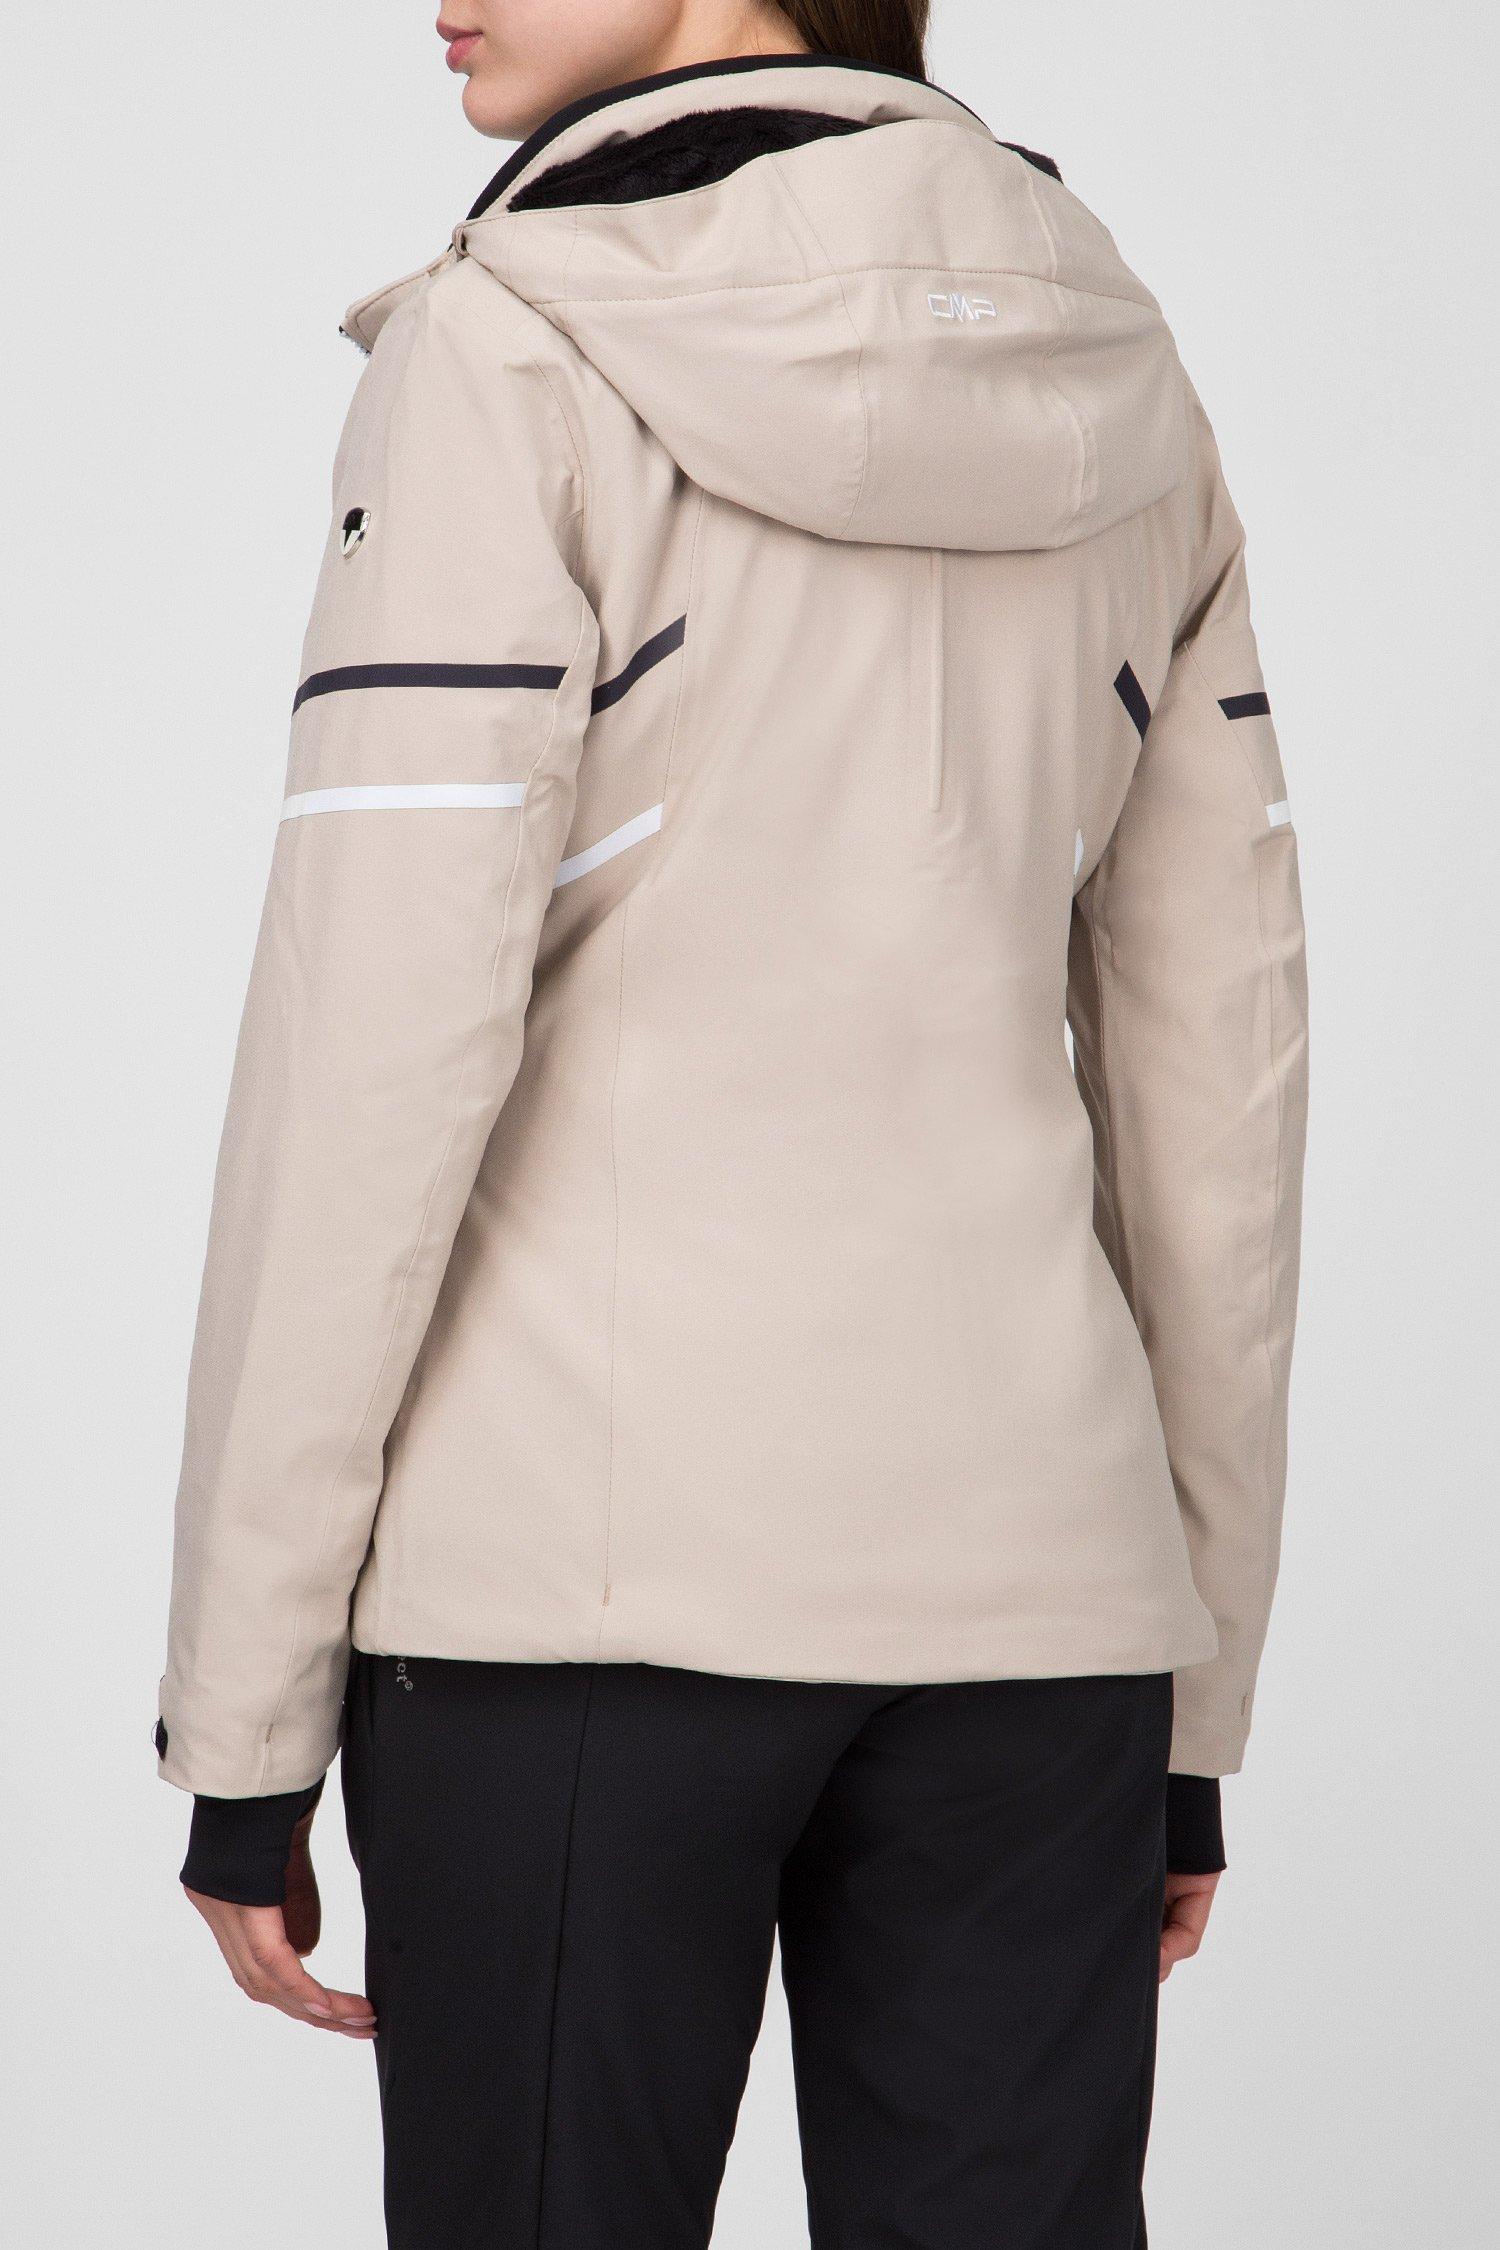 Купить Женская бежевая пуховая лыжная куртка CMP CMP 38W0656-A516 – Киев, Украина. Цены в интернет магазине MD Fashion